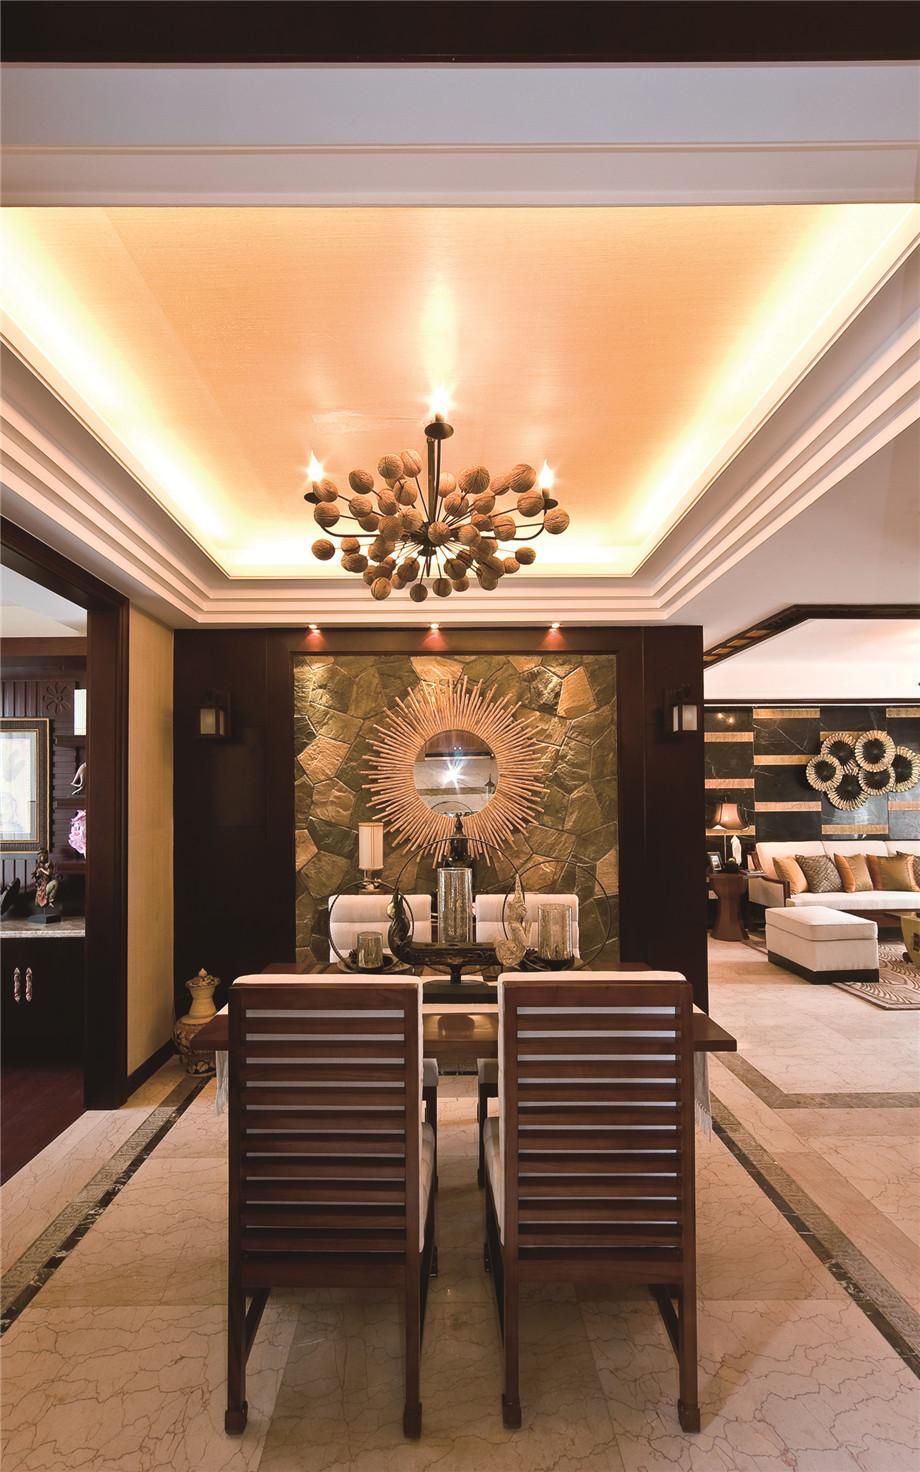 绵阳岭南神韵家装案例-东南亚风格装修127平米